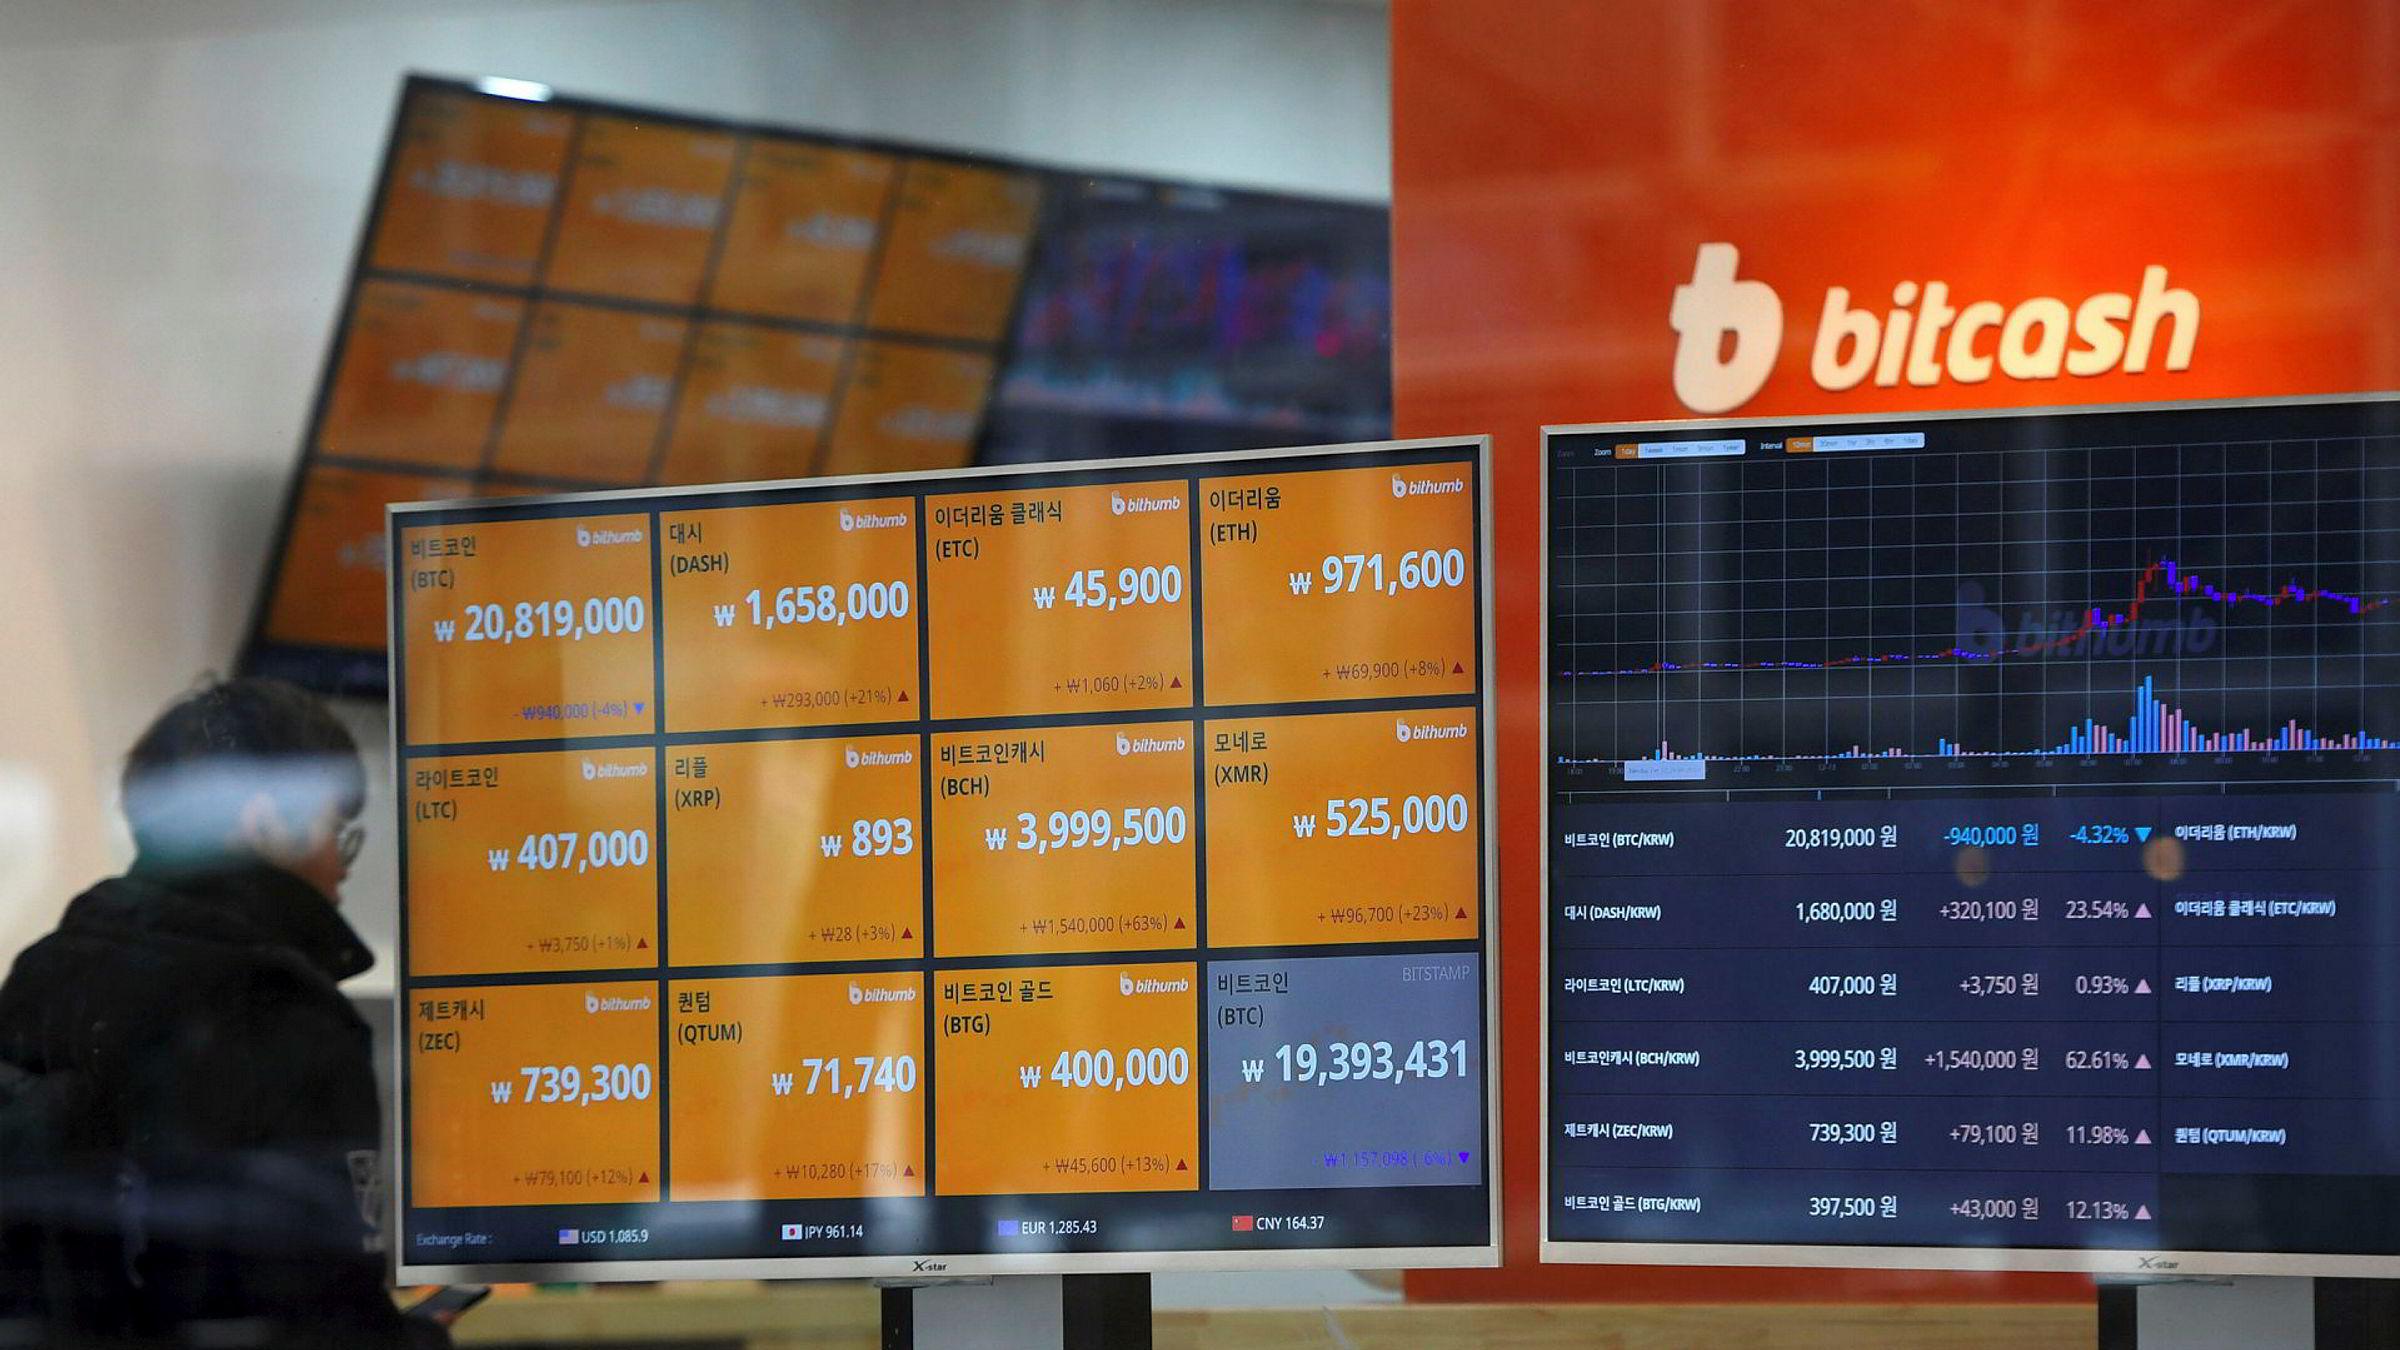 Antall kryptovalutaer øker kraftig, og flere har større prisoppgang enn bitcoin som fortsatt er den ledende kryptovalutaen. På bildet passerer en mann i Seoul en skjerm som viser prisen på en rekke ulike kryptovalutaer.